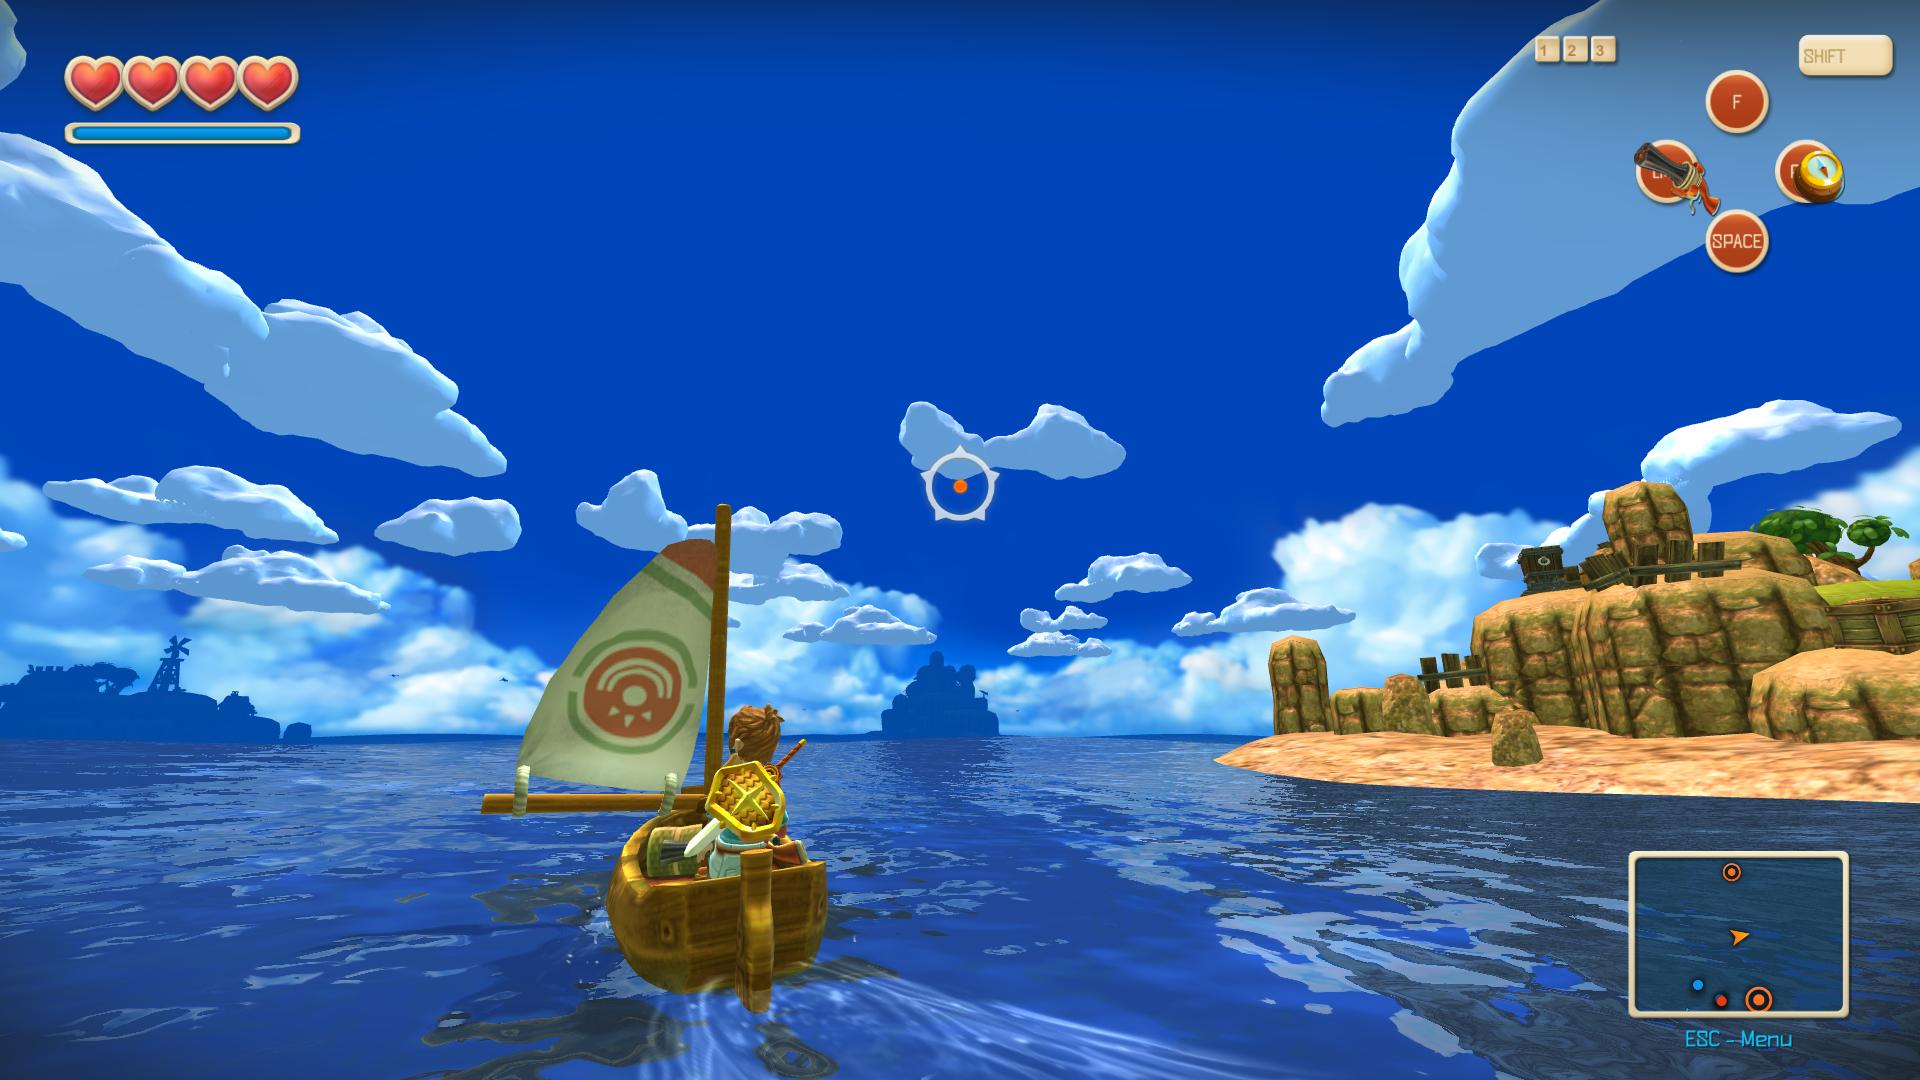 Oceanhorn-Steam-Screenshot-11.png